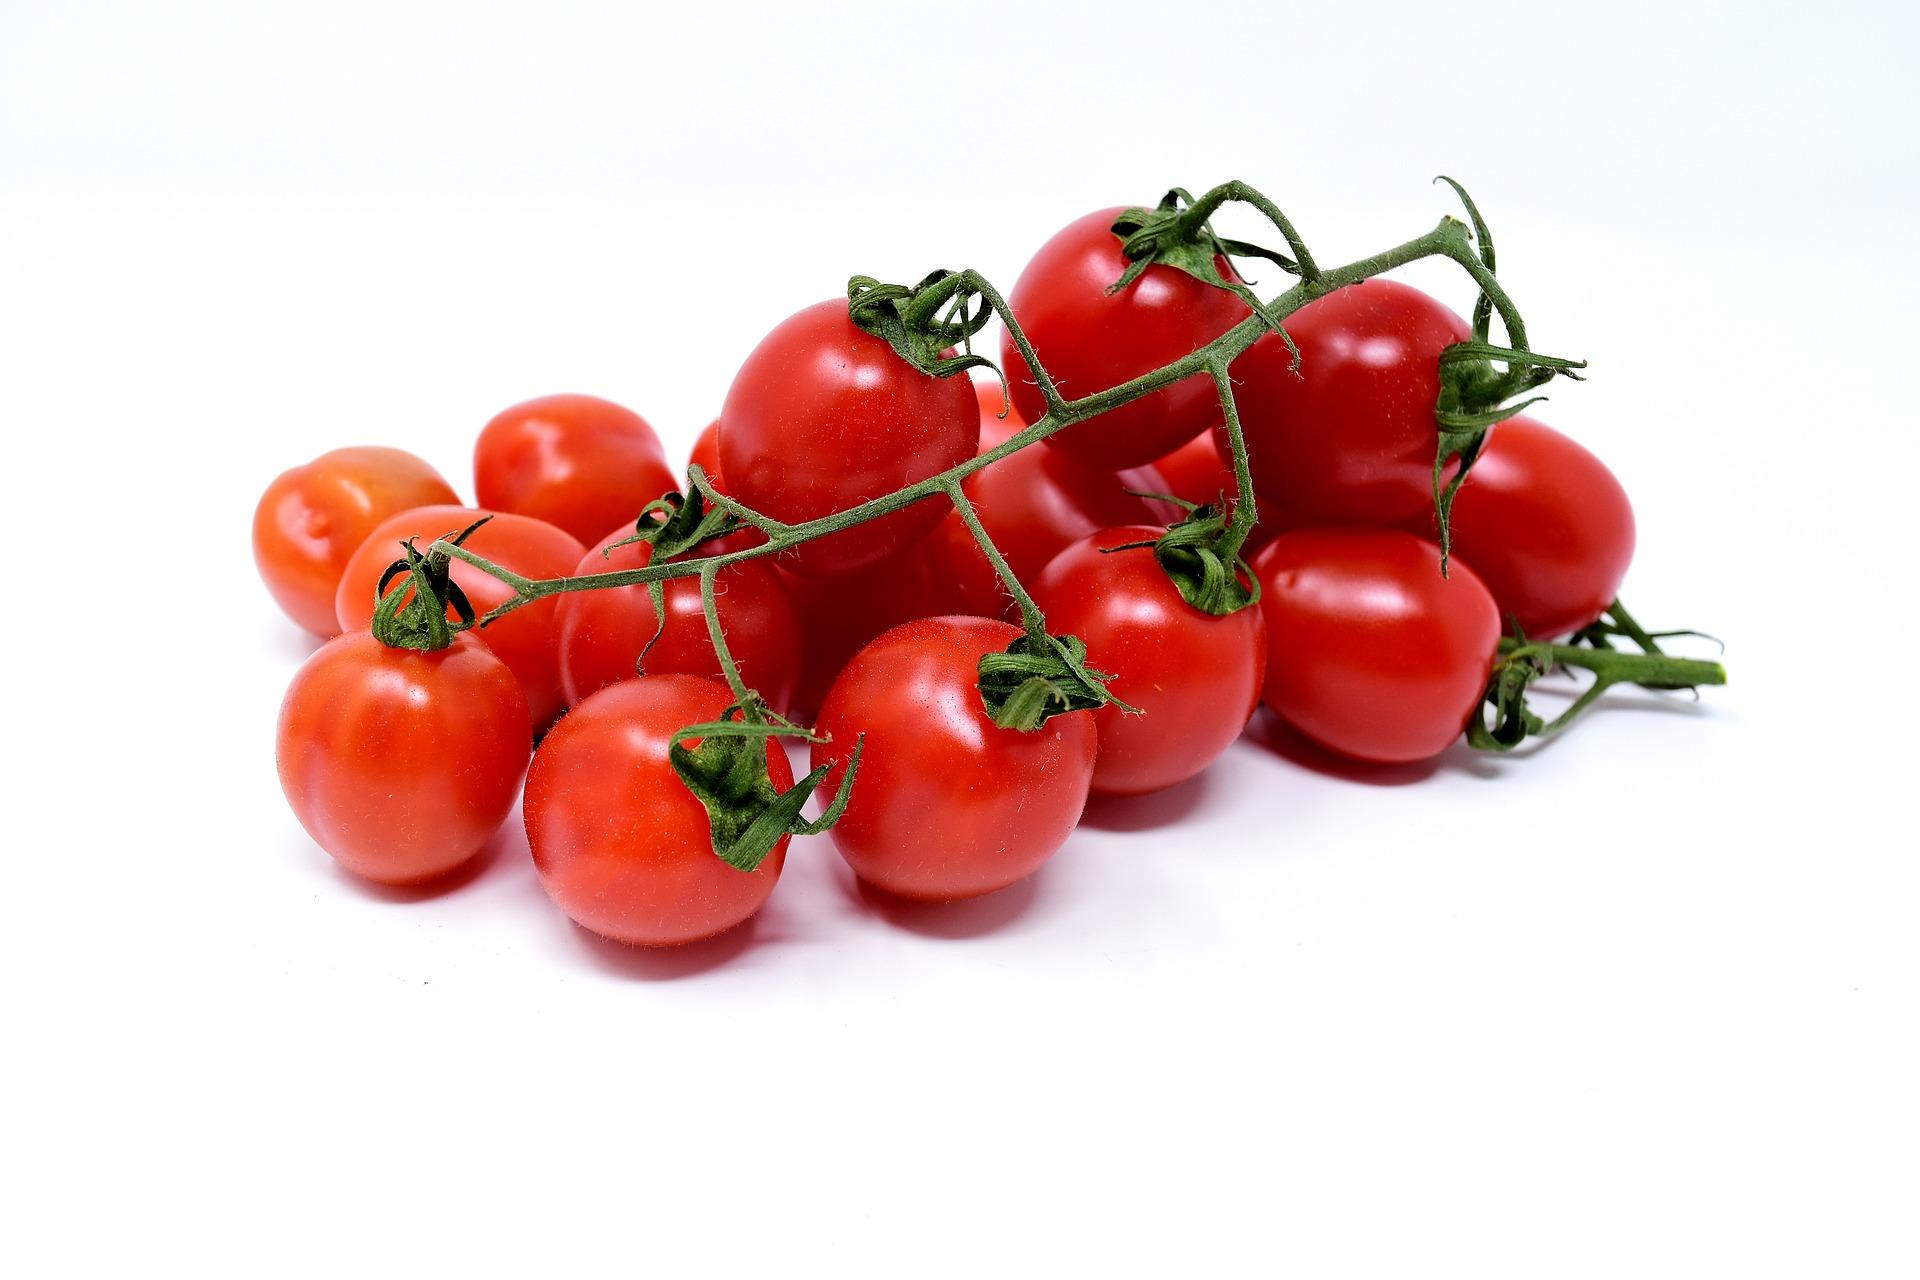 https://m.wm.pl/2018/04/orig/tomatoes-3121960-1920-460339.jpg